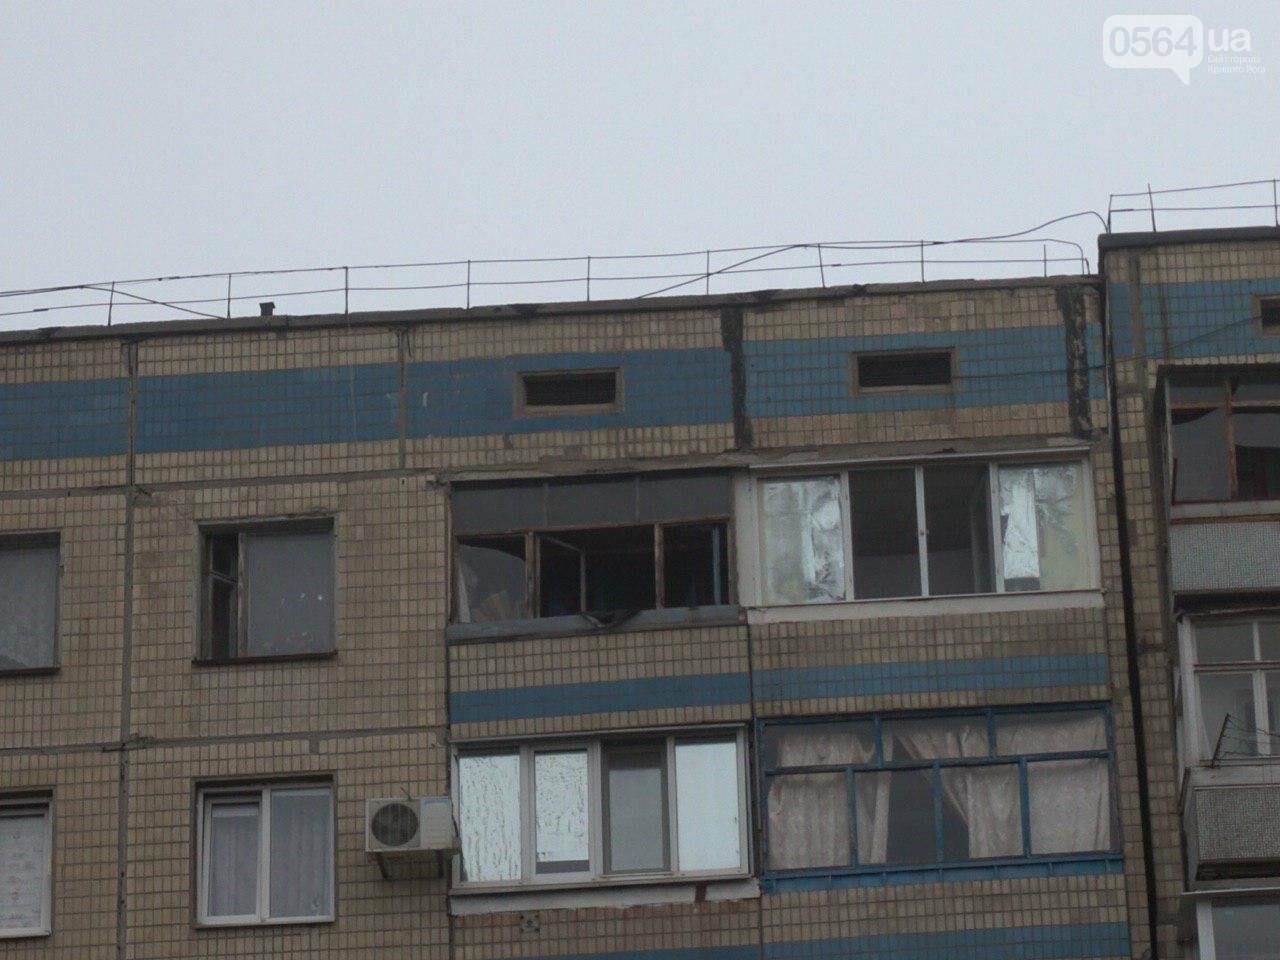 В Кривом Роге из окна 9 этажа выпал мужчина, - ФОТО 18+, фото-2